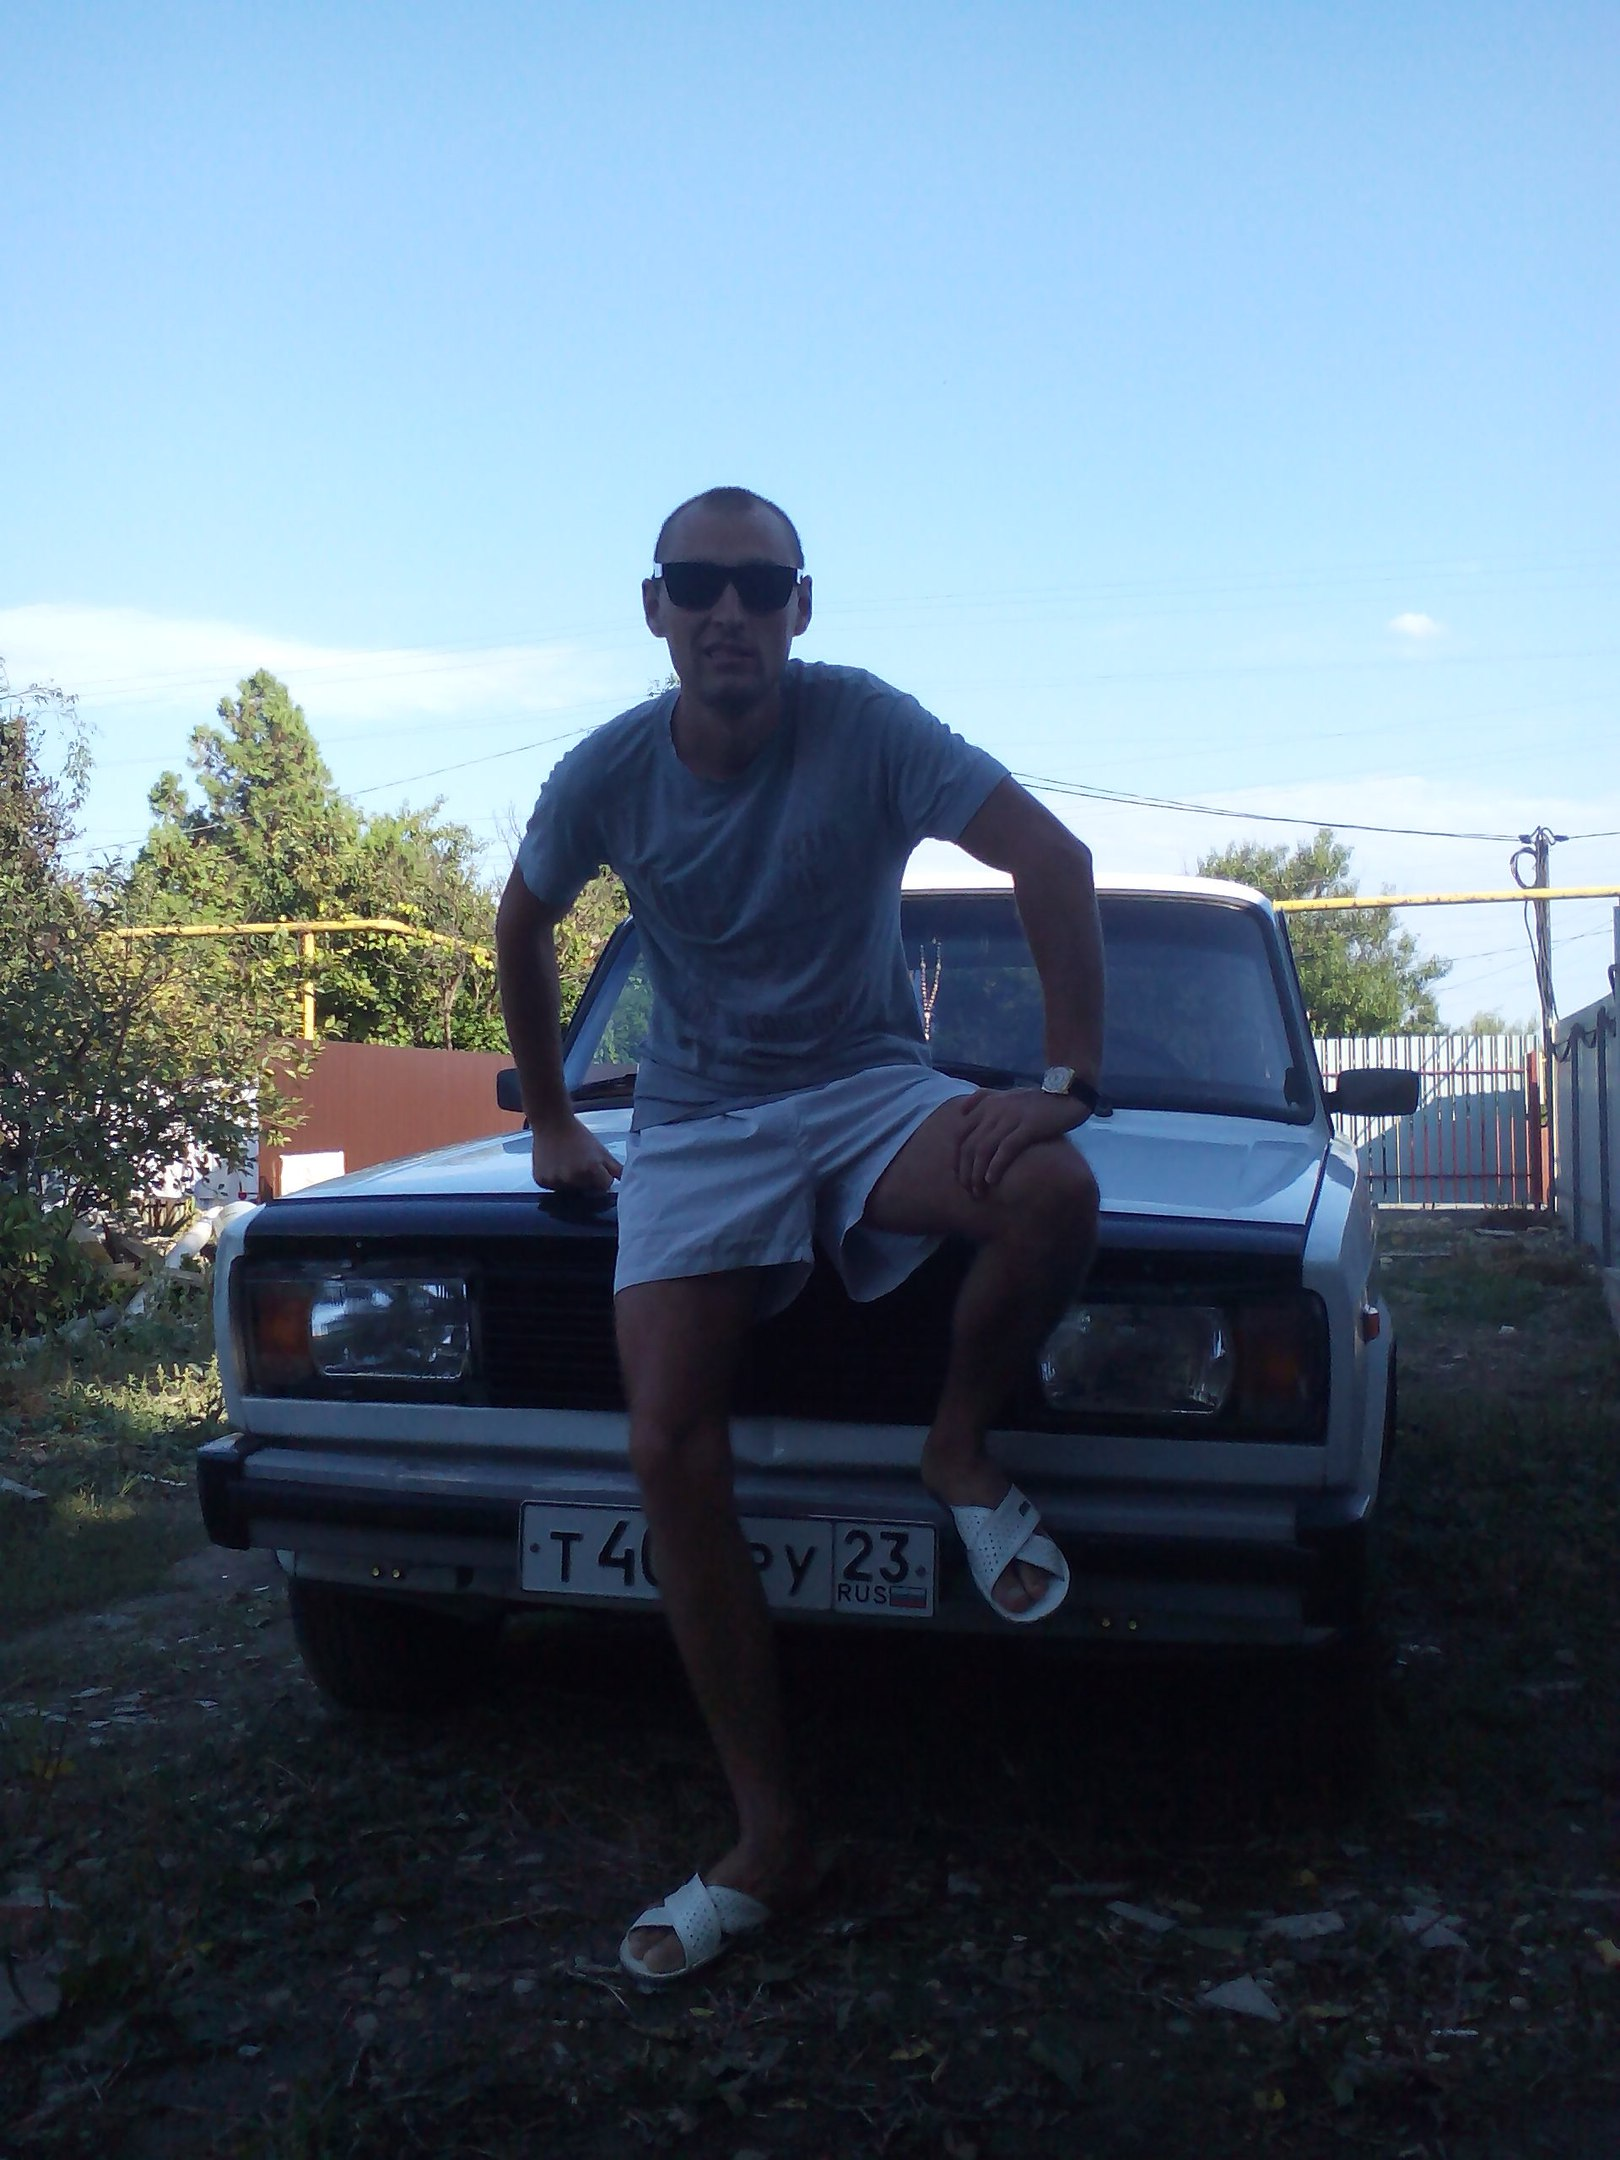 Maks, 27, Luhansk